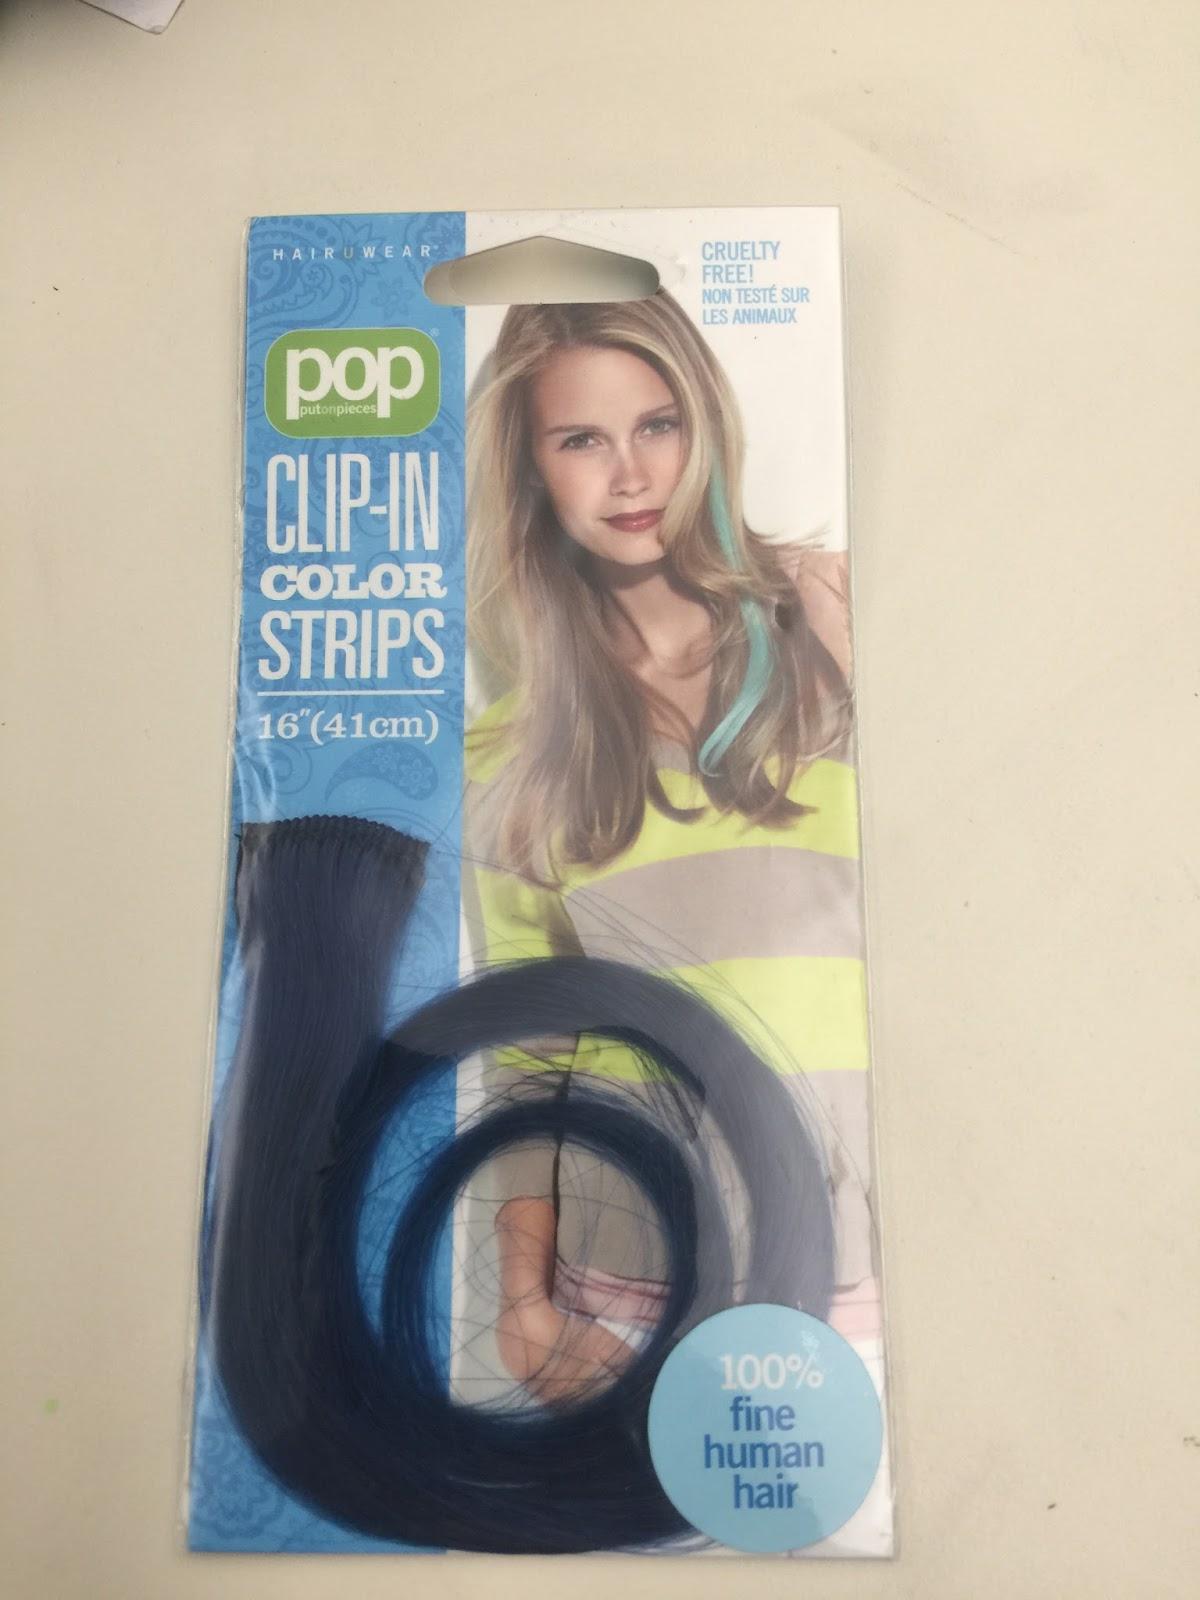 Pop Clip in Color Strips